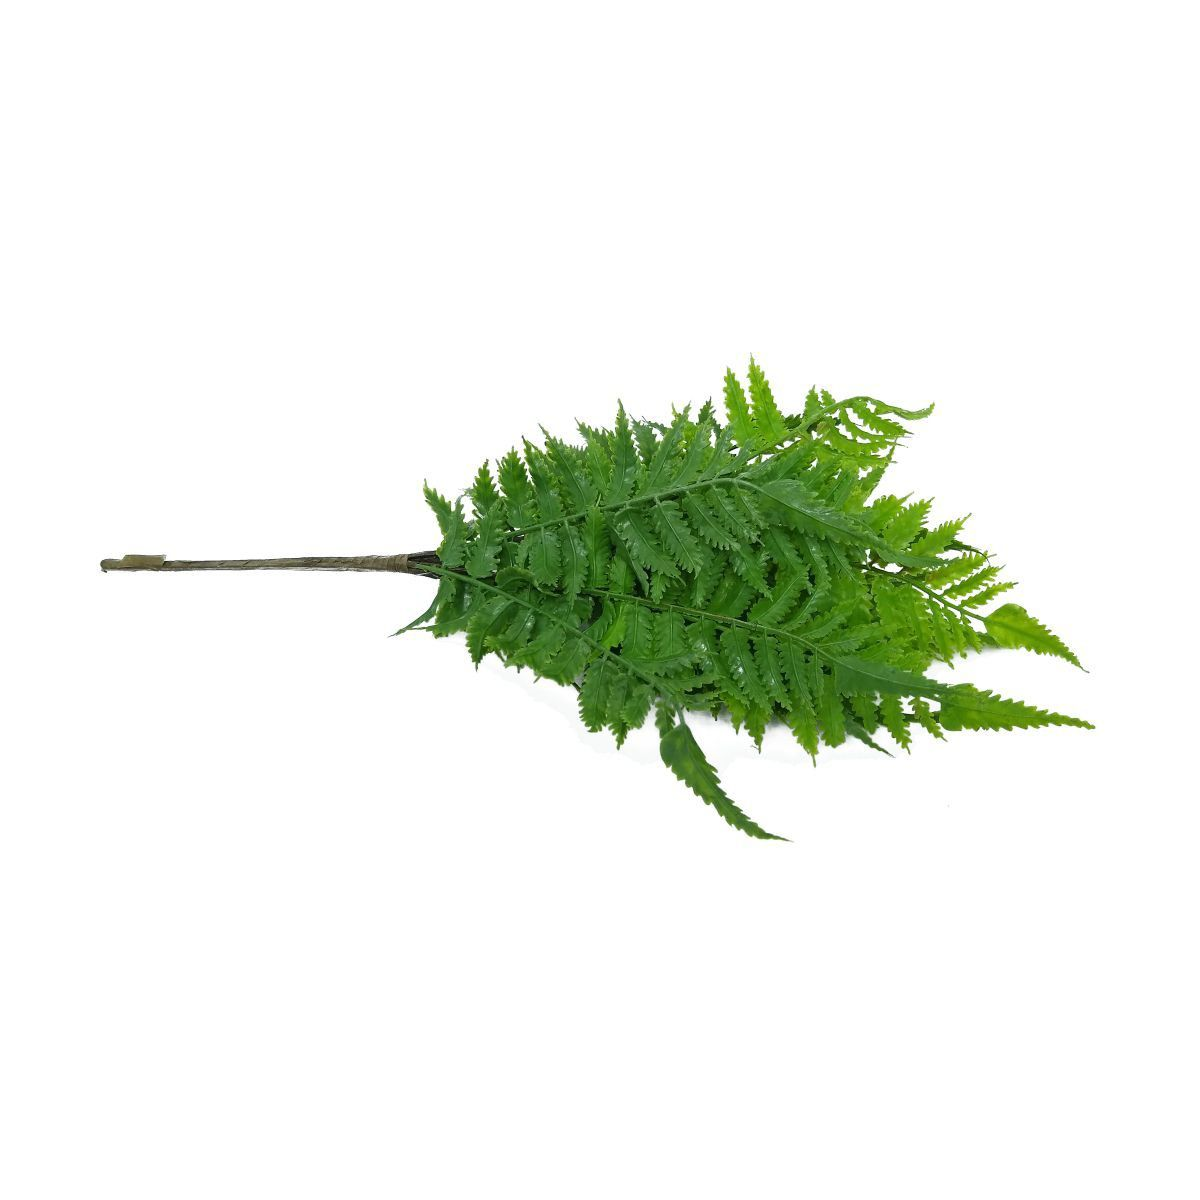 Folhagem Samambaia PLT X14 Verde 44cm - 40856001